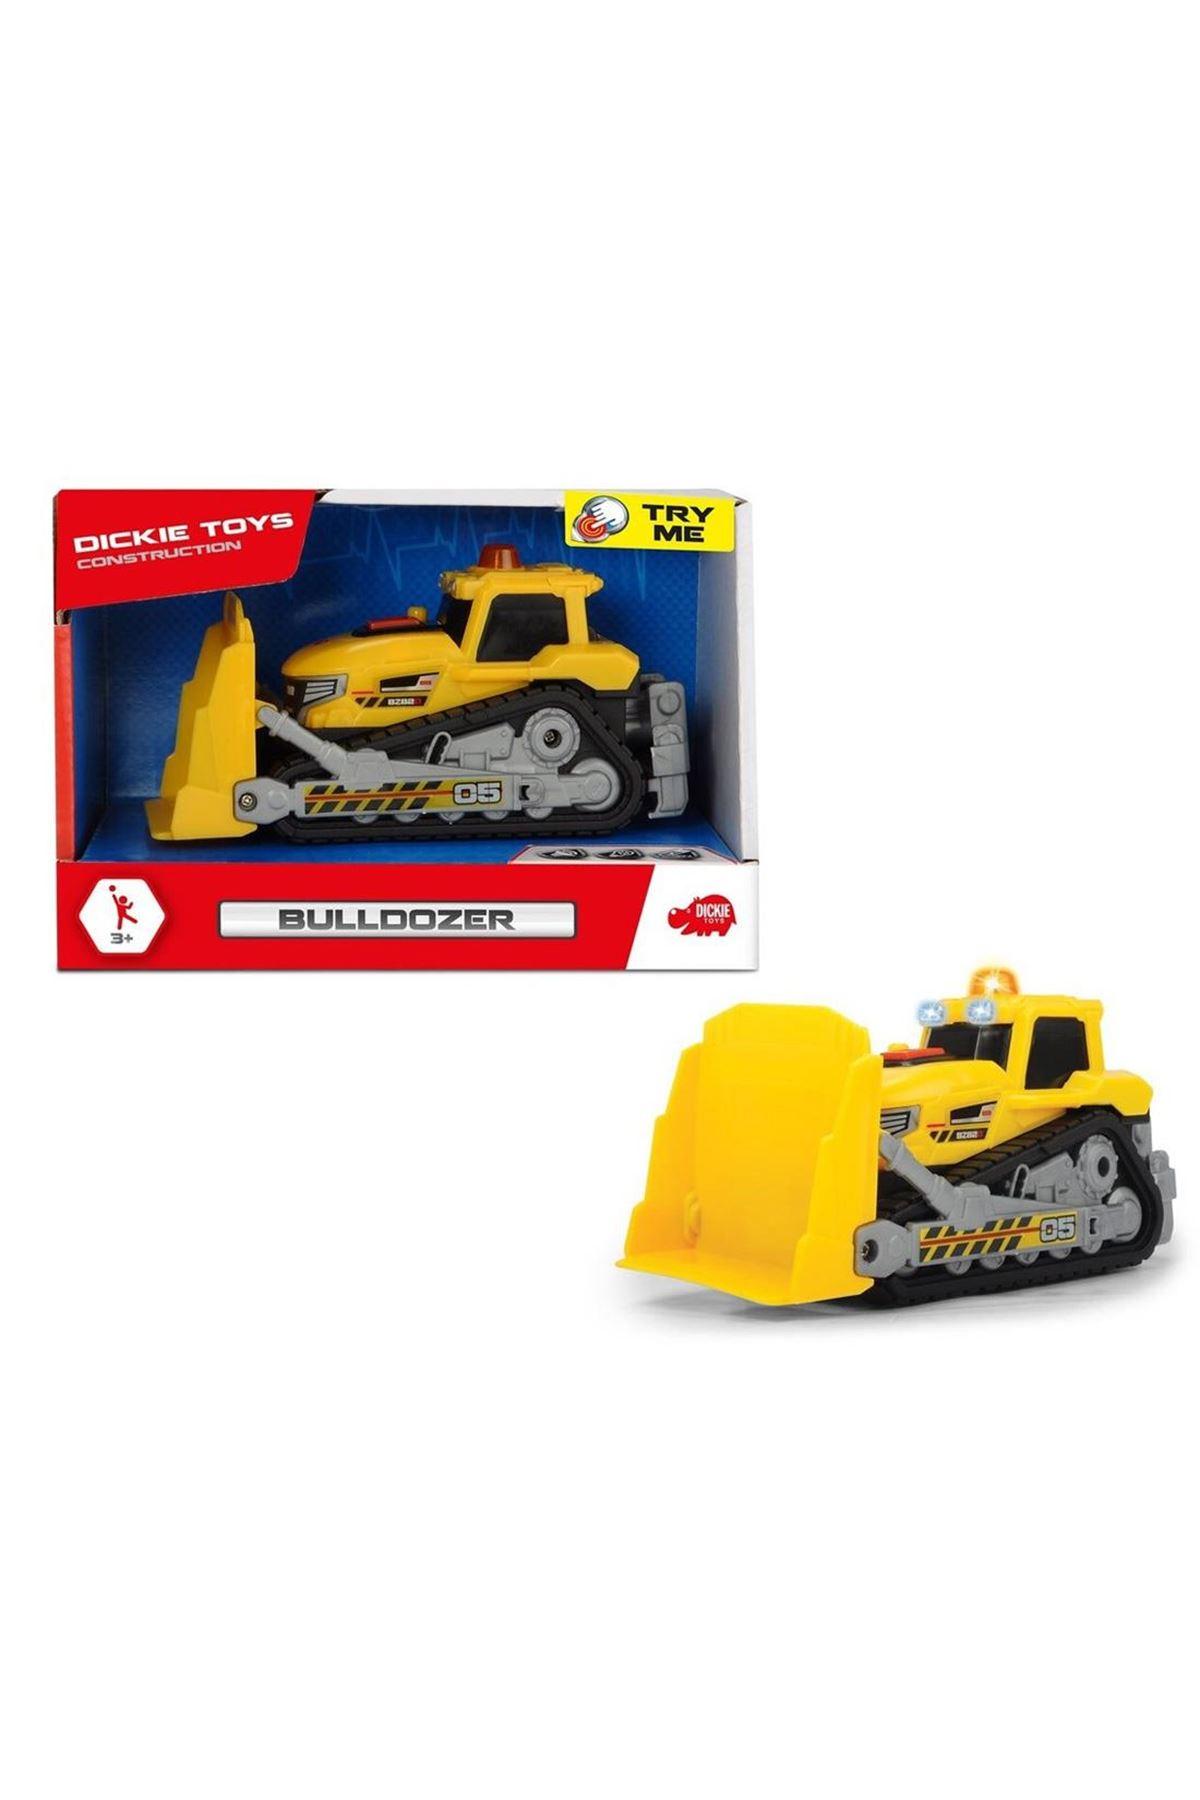 Dickie Toys Bulldozer 2026